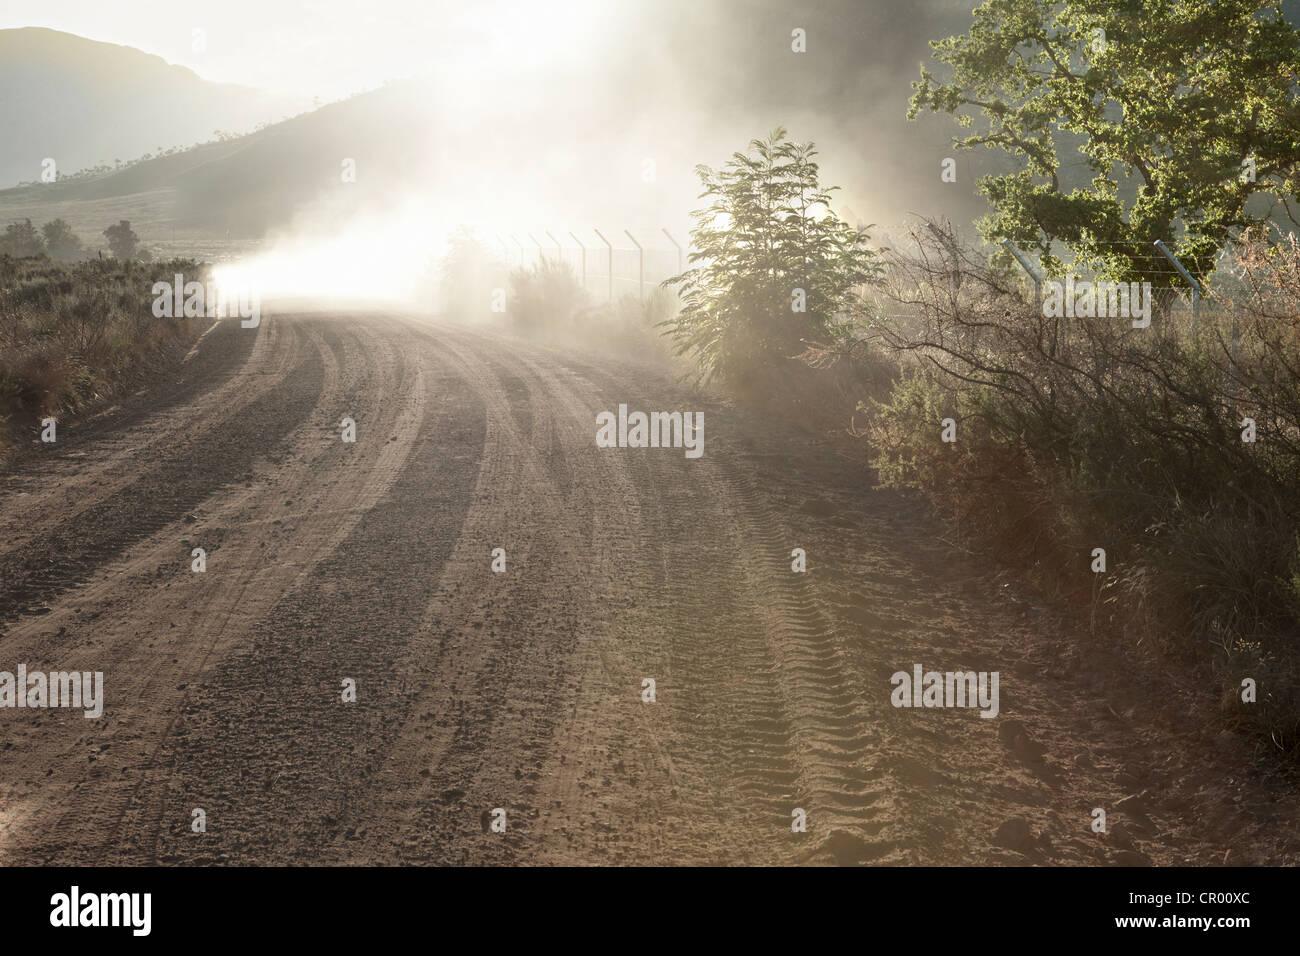 Tire tracks in rural dirt road - Stock Image